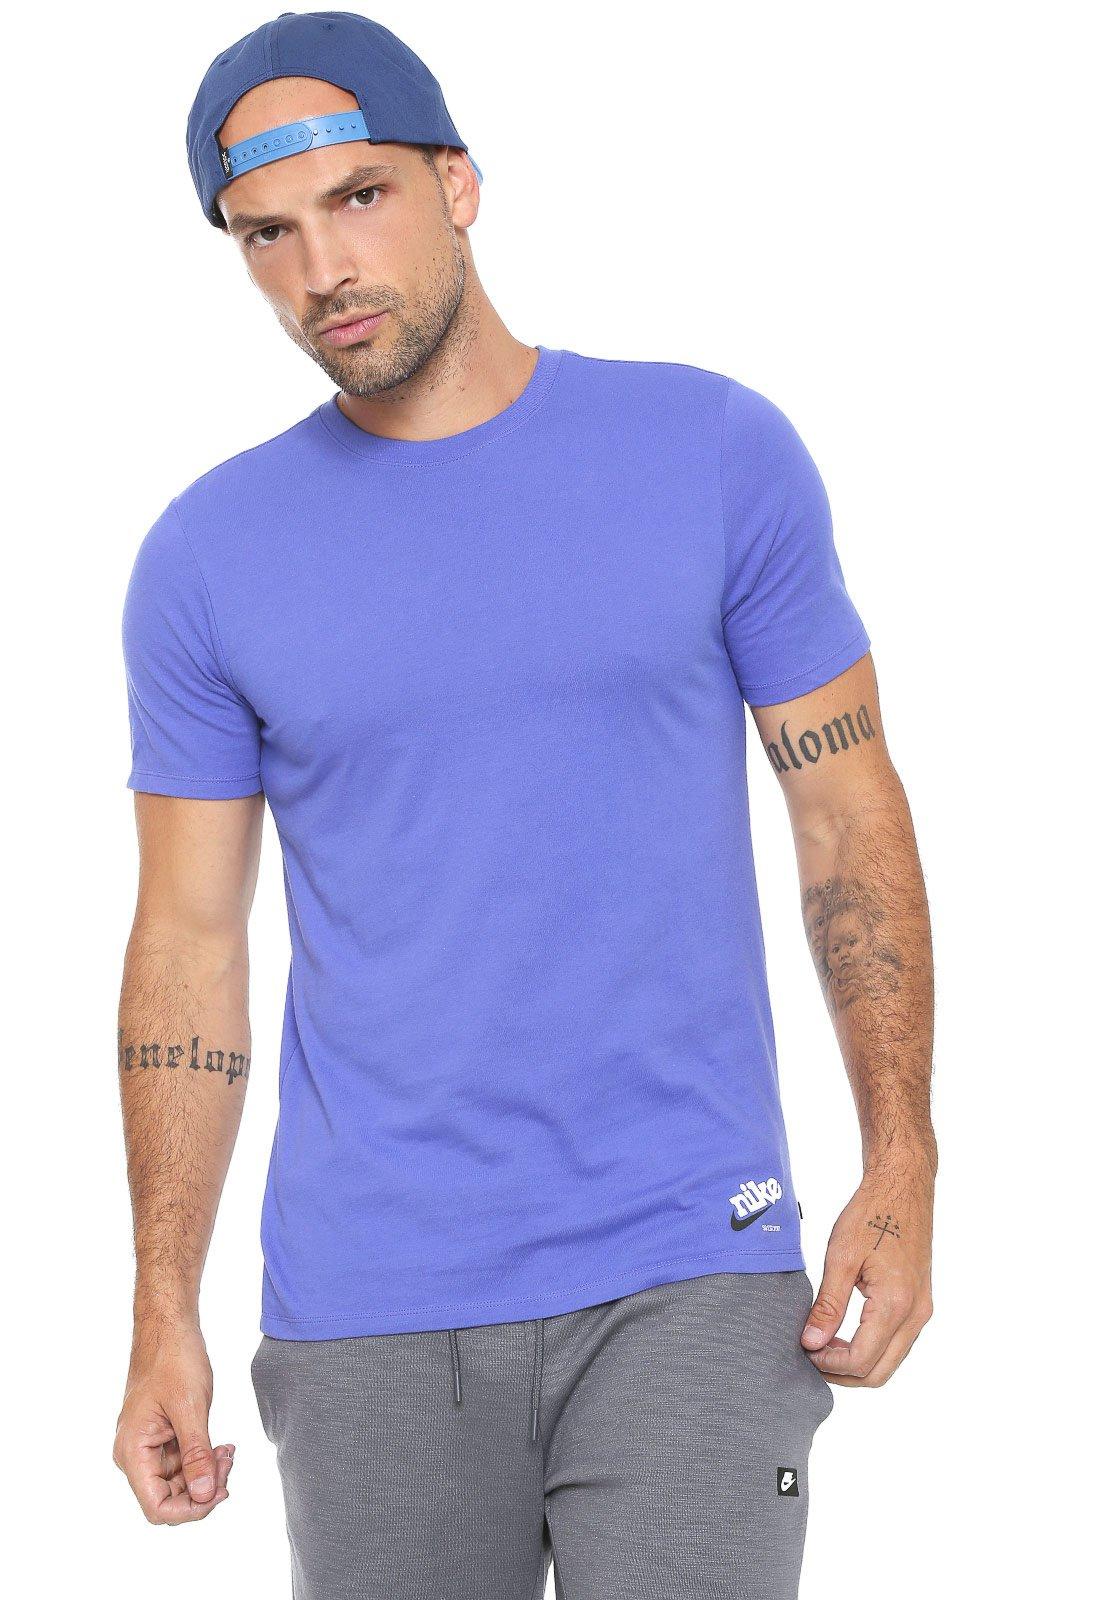 Están deprimidos Comercial gusto  Camiseta Nike SB Estampada Roxa - Compre Agora | Kanui Brasil